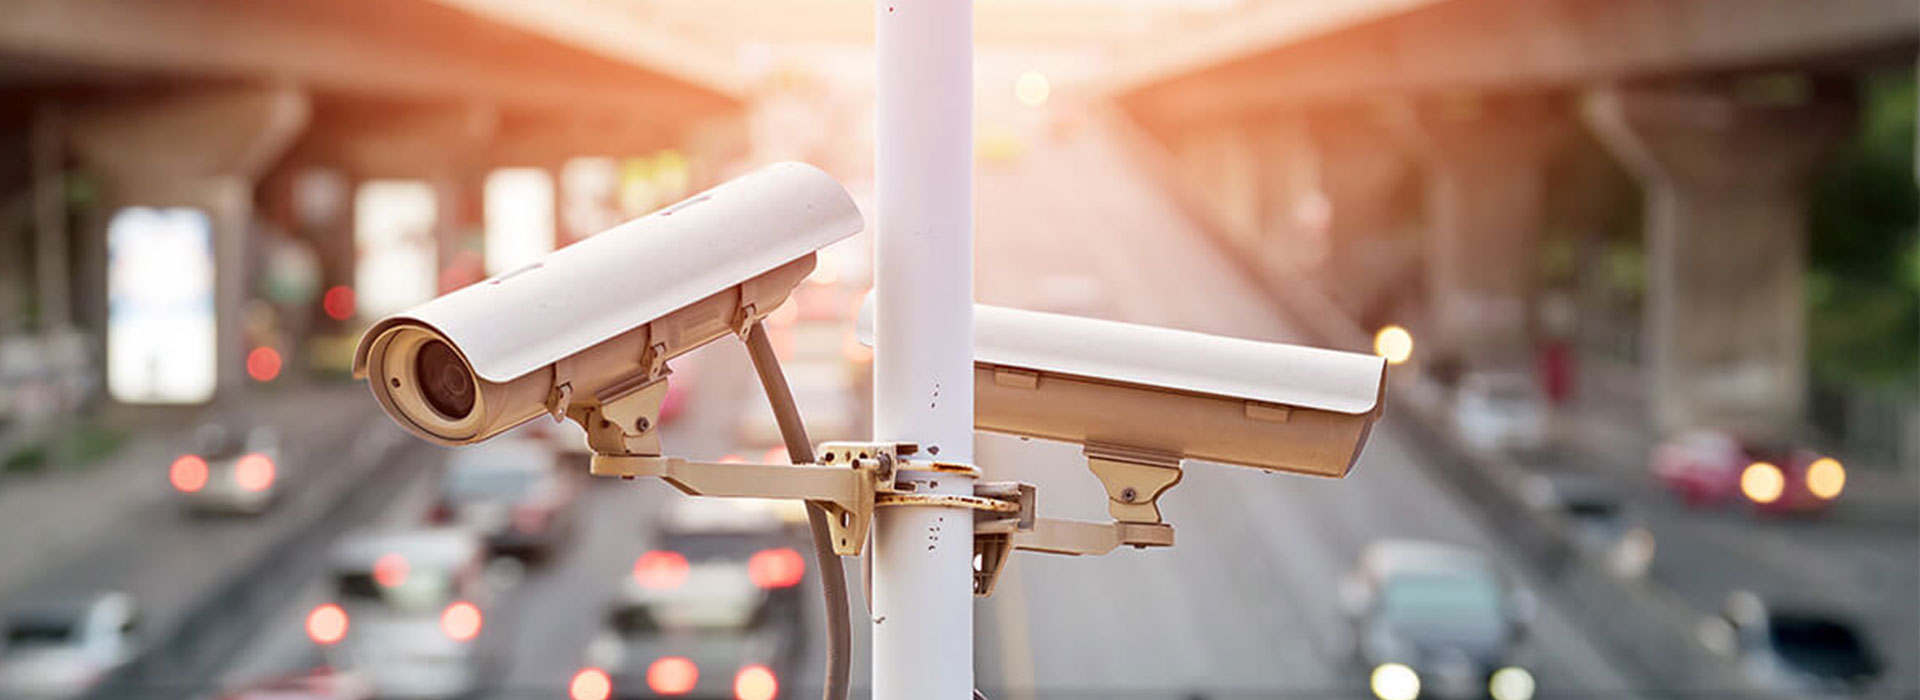 CCTV Installation Sharjah | Hikvision Sharjah